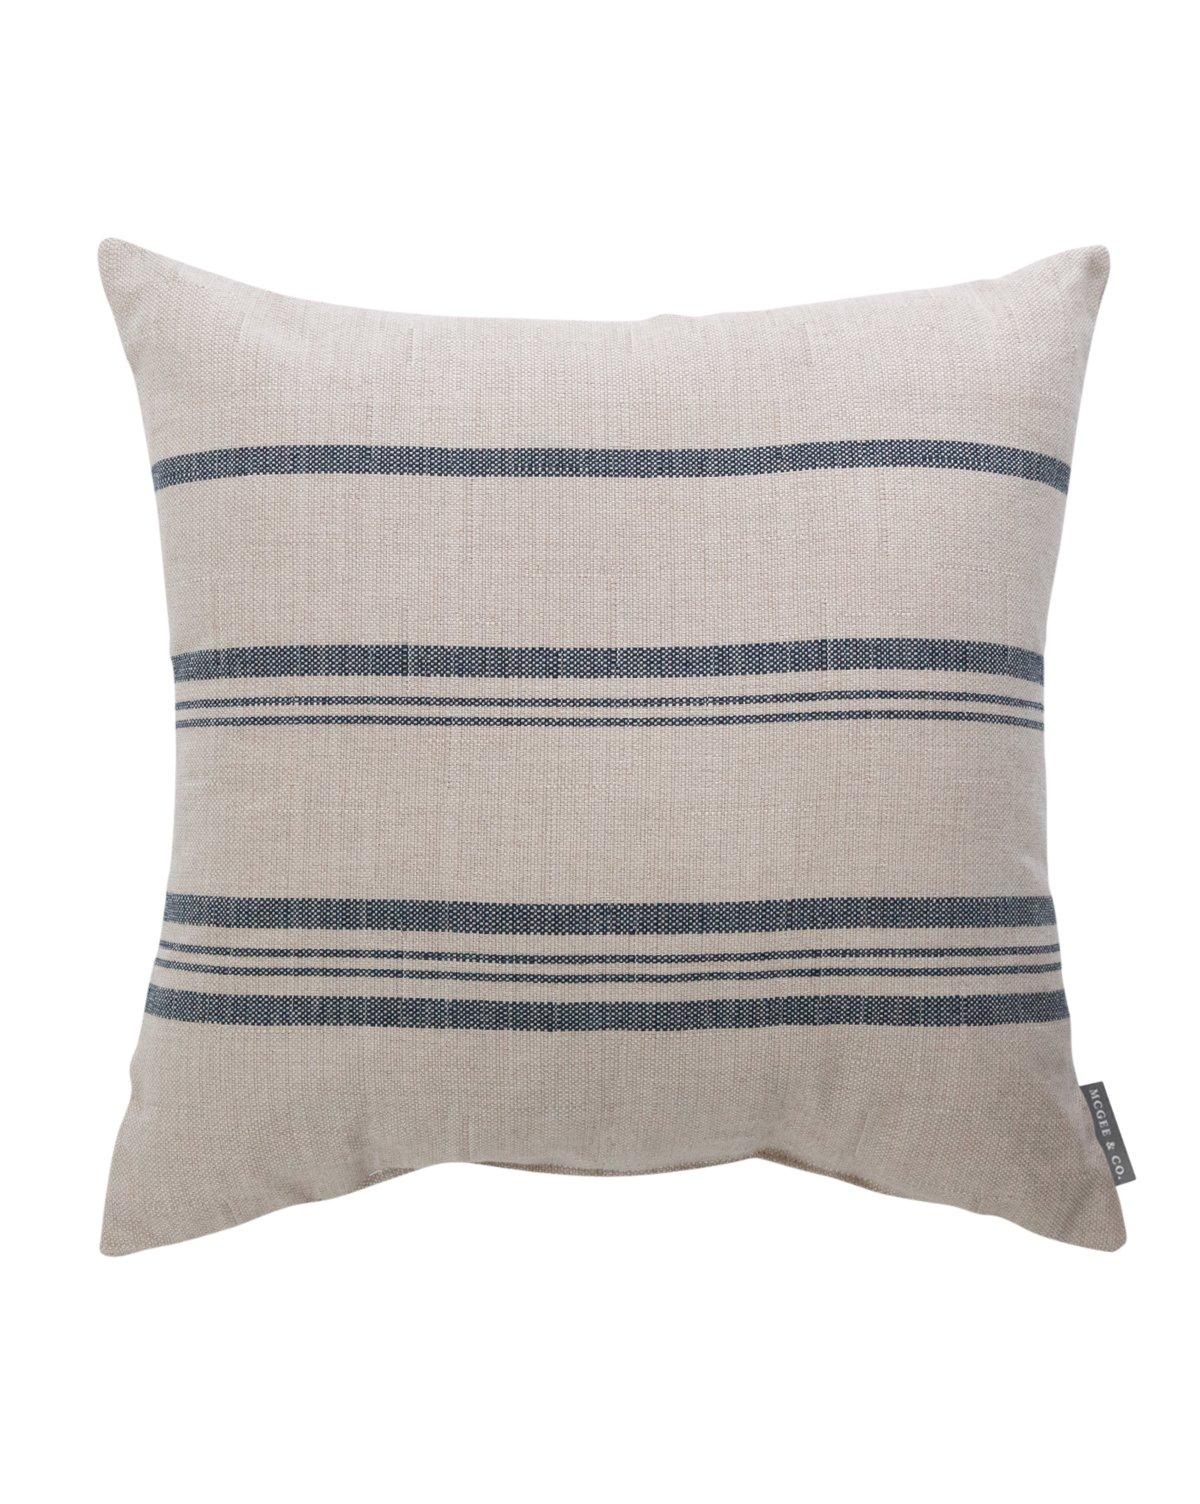 Rowan_Stripe_Indoor_Outdoor_Pillow1_629b21c7-e168-469a-a385-e22cfa8098be.jpg